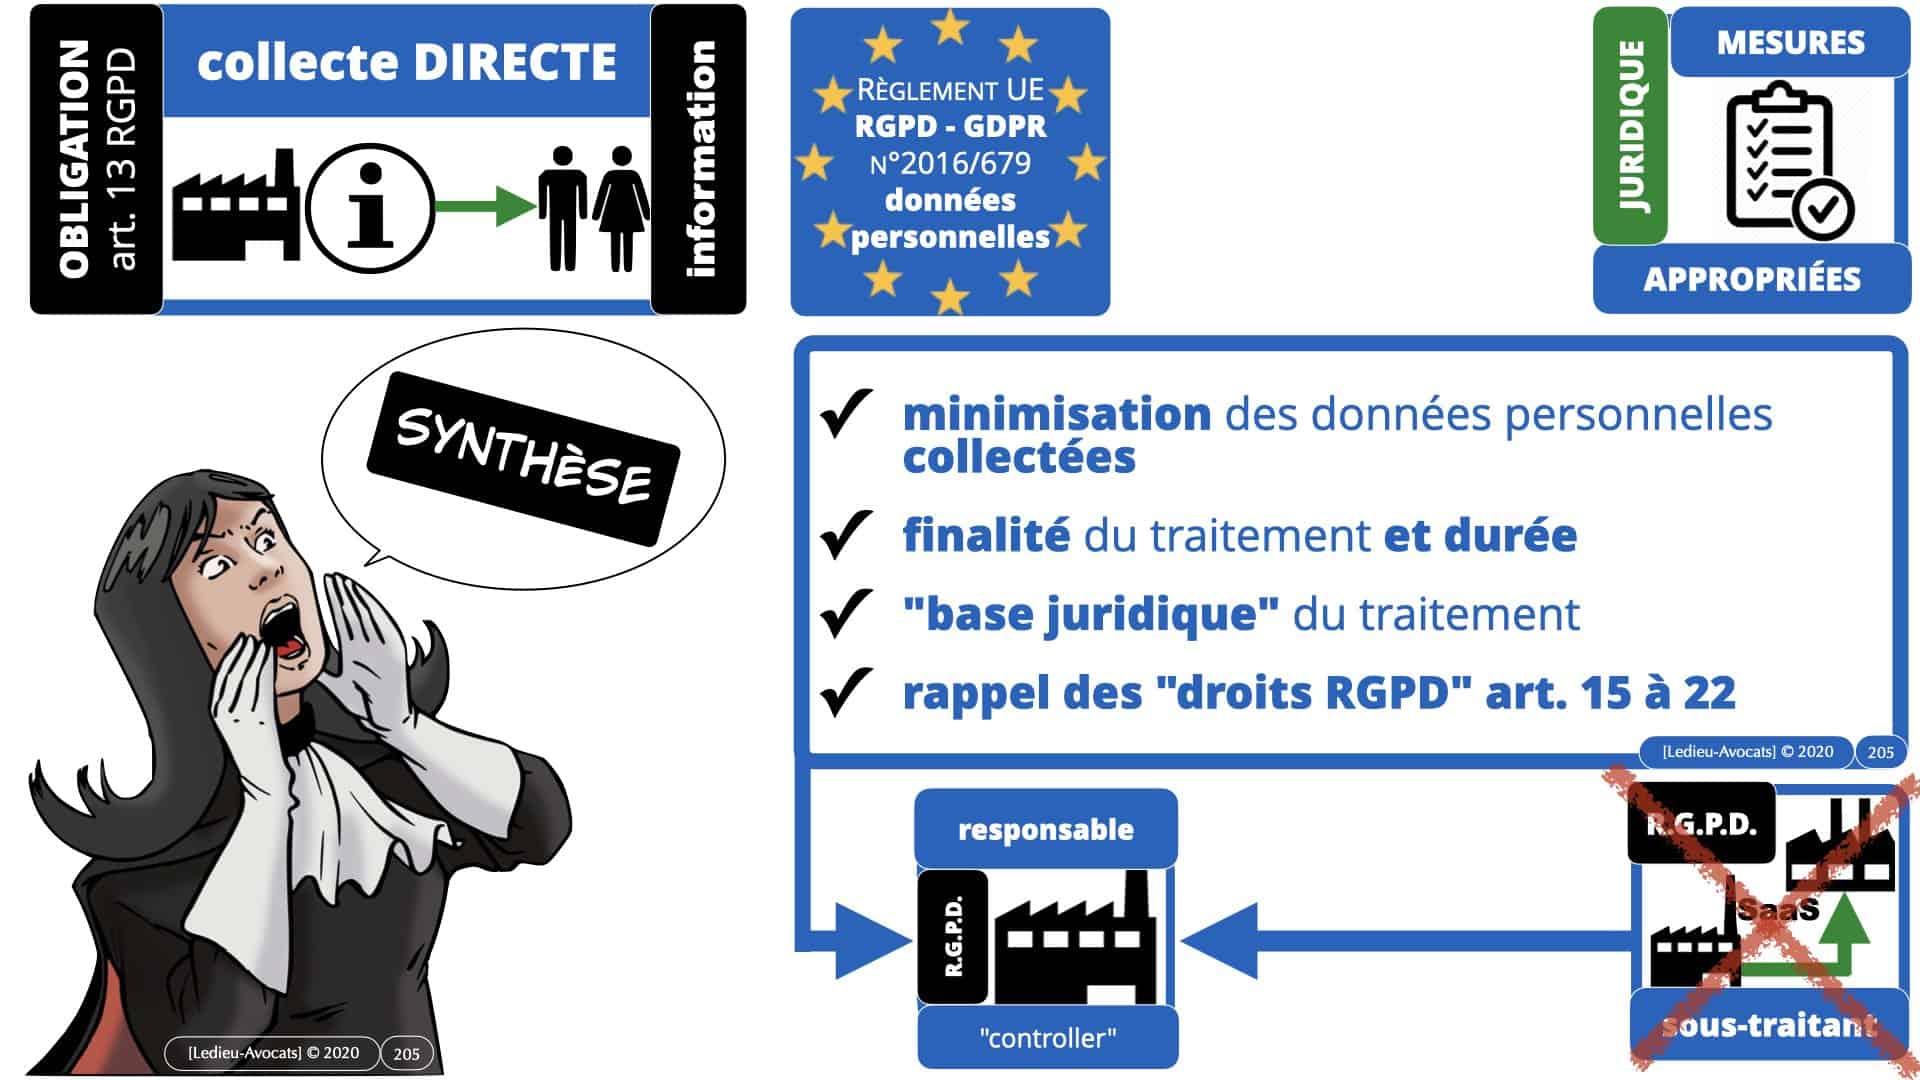 RGPD e-Privacy données personnelles jurisprudence formation Lamy Les Echos 10-02-2021 ©Ledieu-Avocats.205